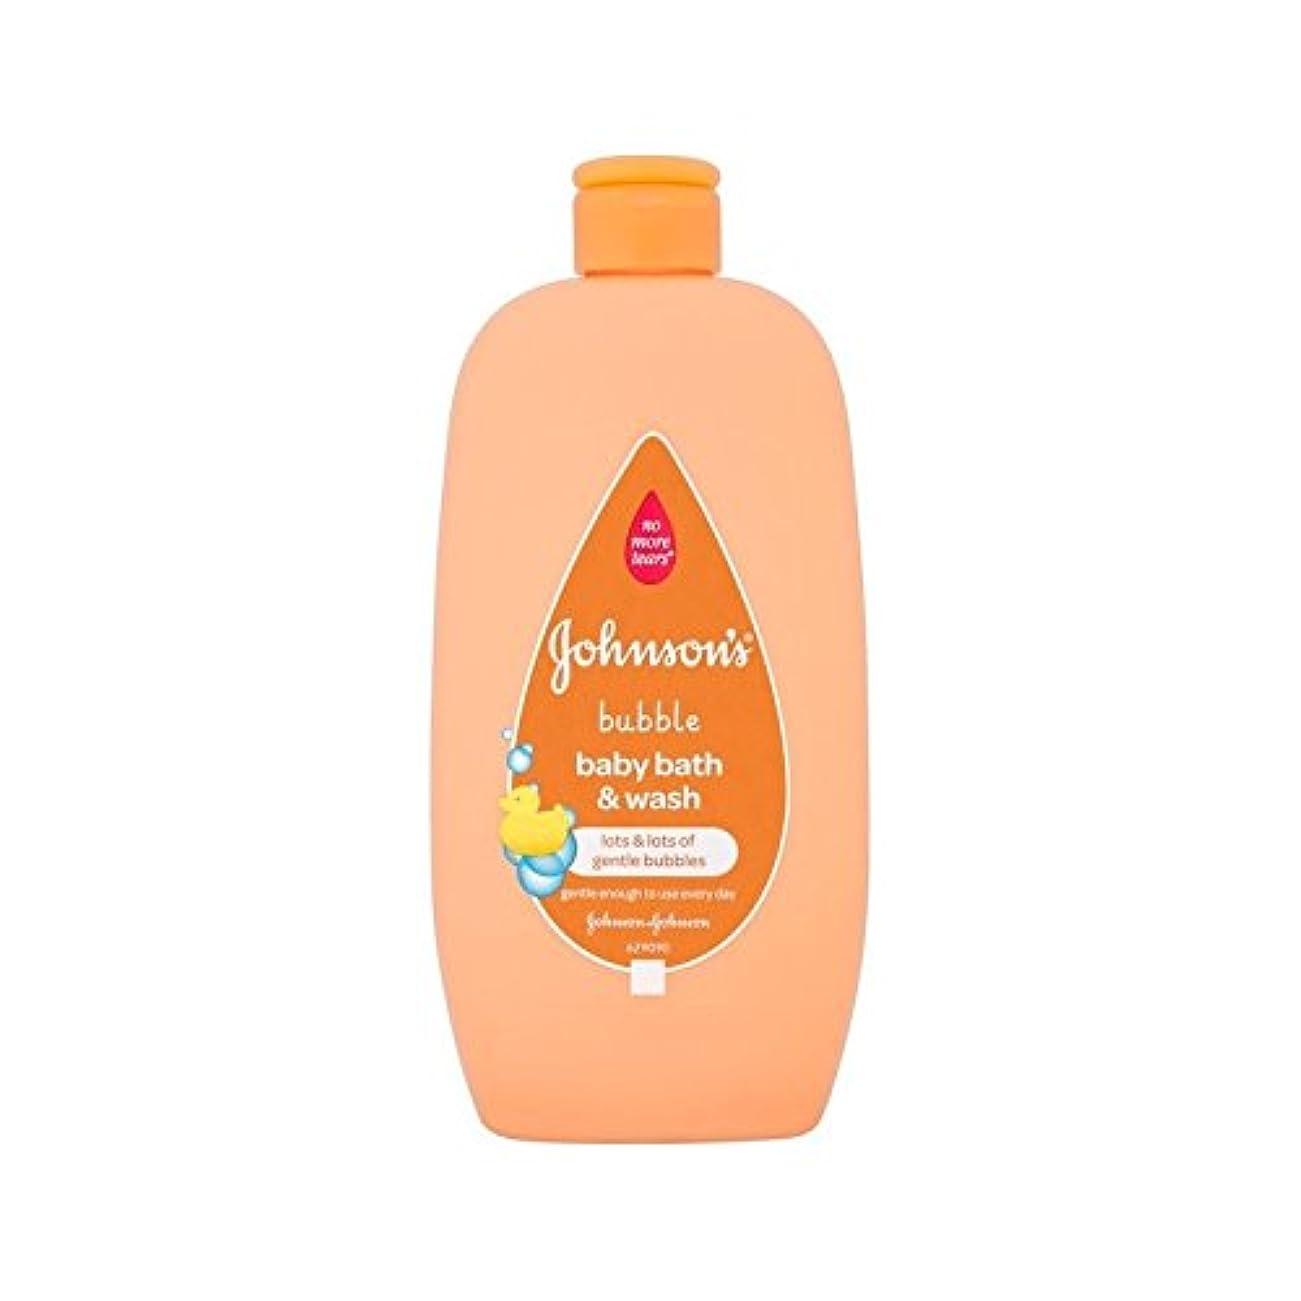 保守的悔い改める著名な2In1は泡風呂&500ミリリットルを洗います (Johnson's Baby) (x 4) - Johnson's Baby 2in1 Bubble Bath & Wash 500ml (Pack of 4) [並行輸入品]